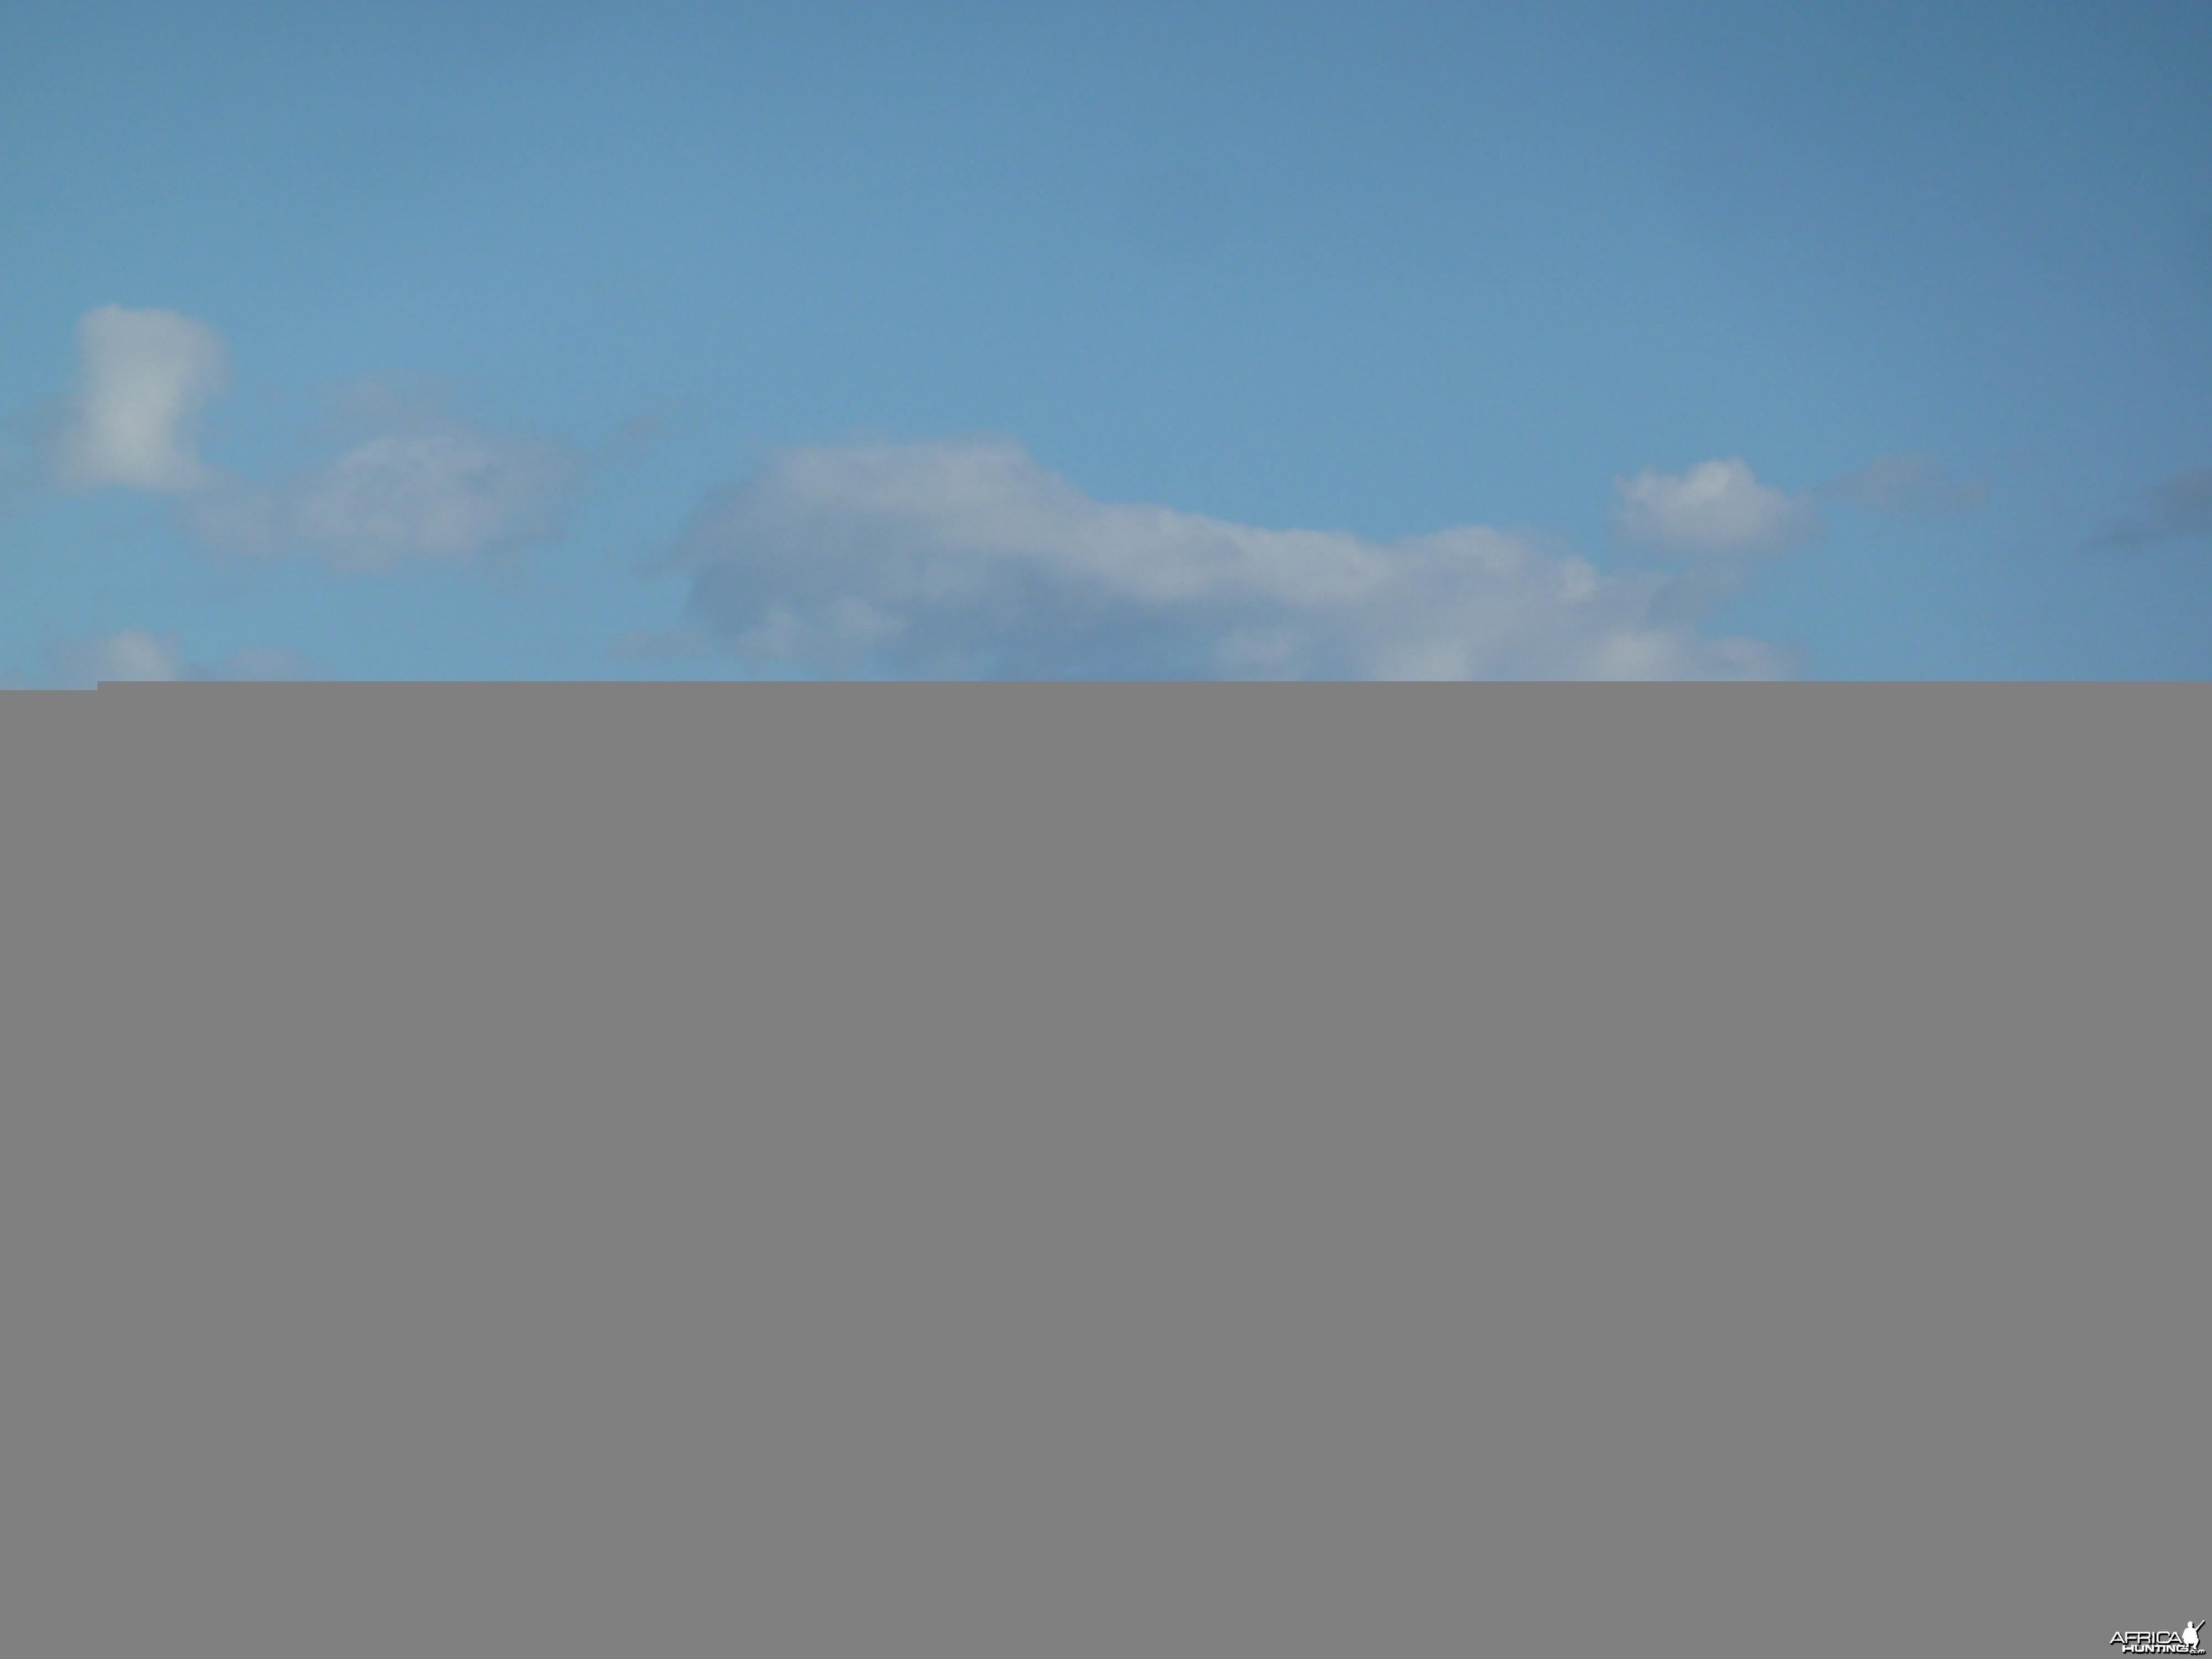 Marabou Namibia